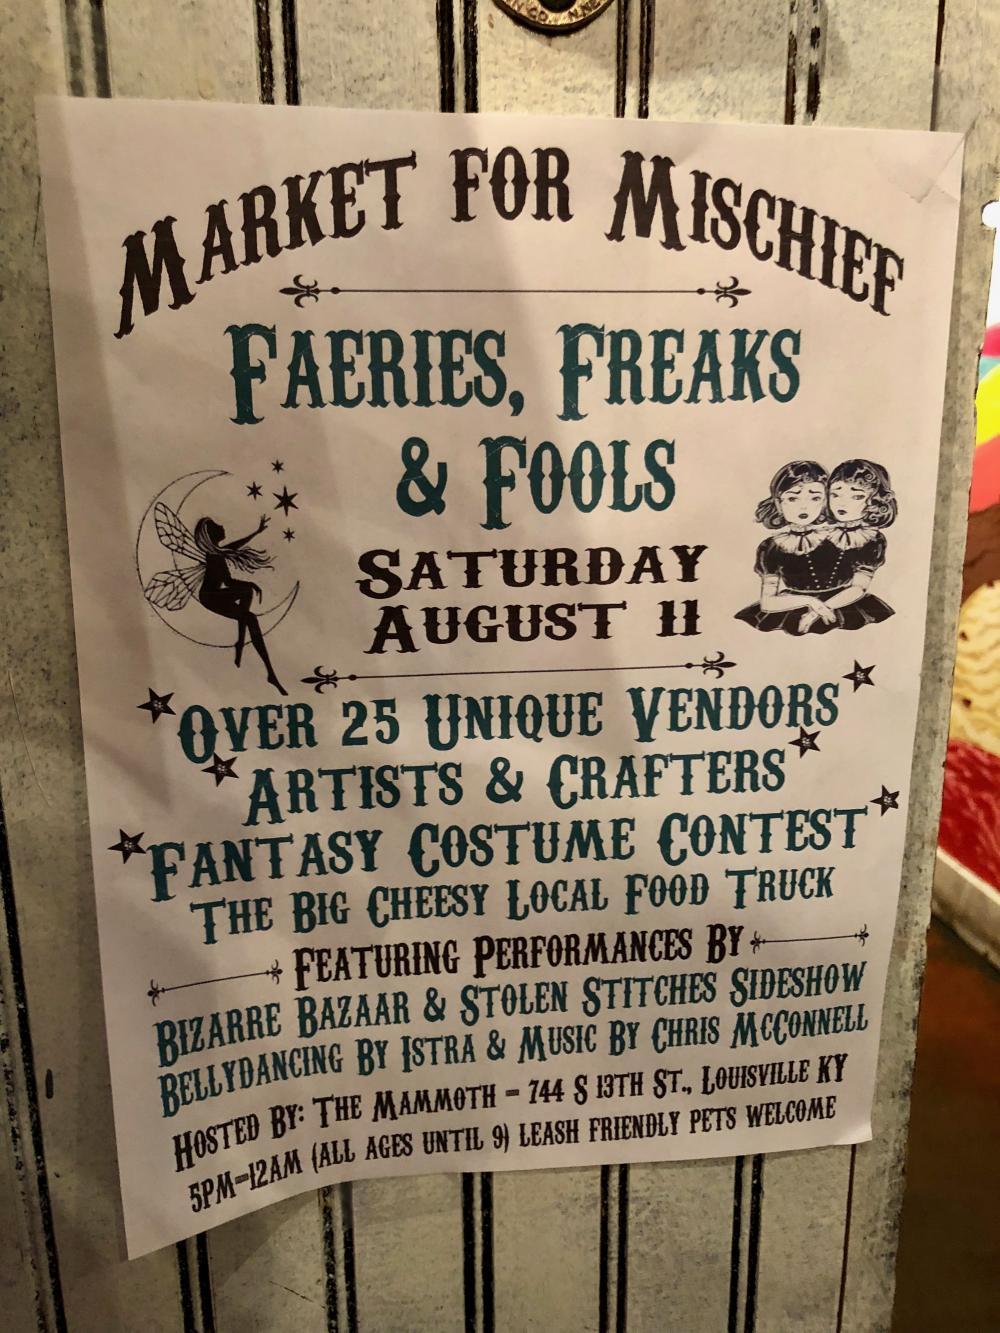 Market for Mischief flyer